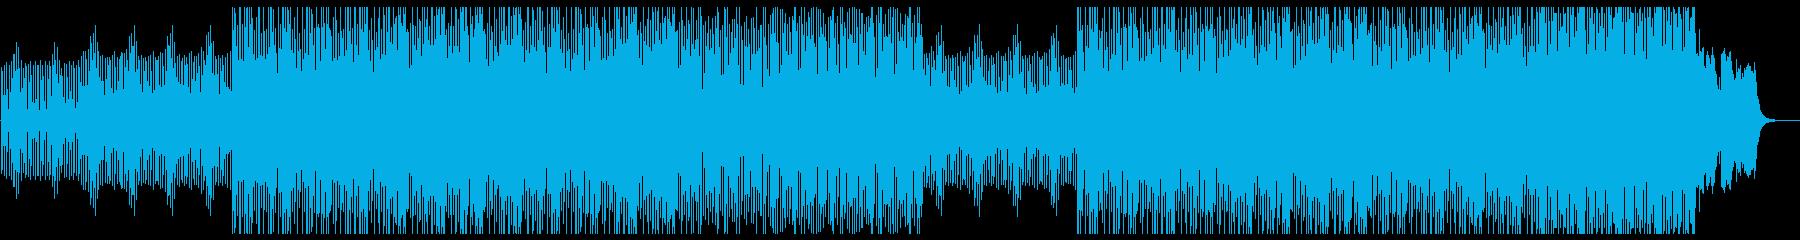 ミステリアスでメロディアスなシンセBGMの再生済みの波形